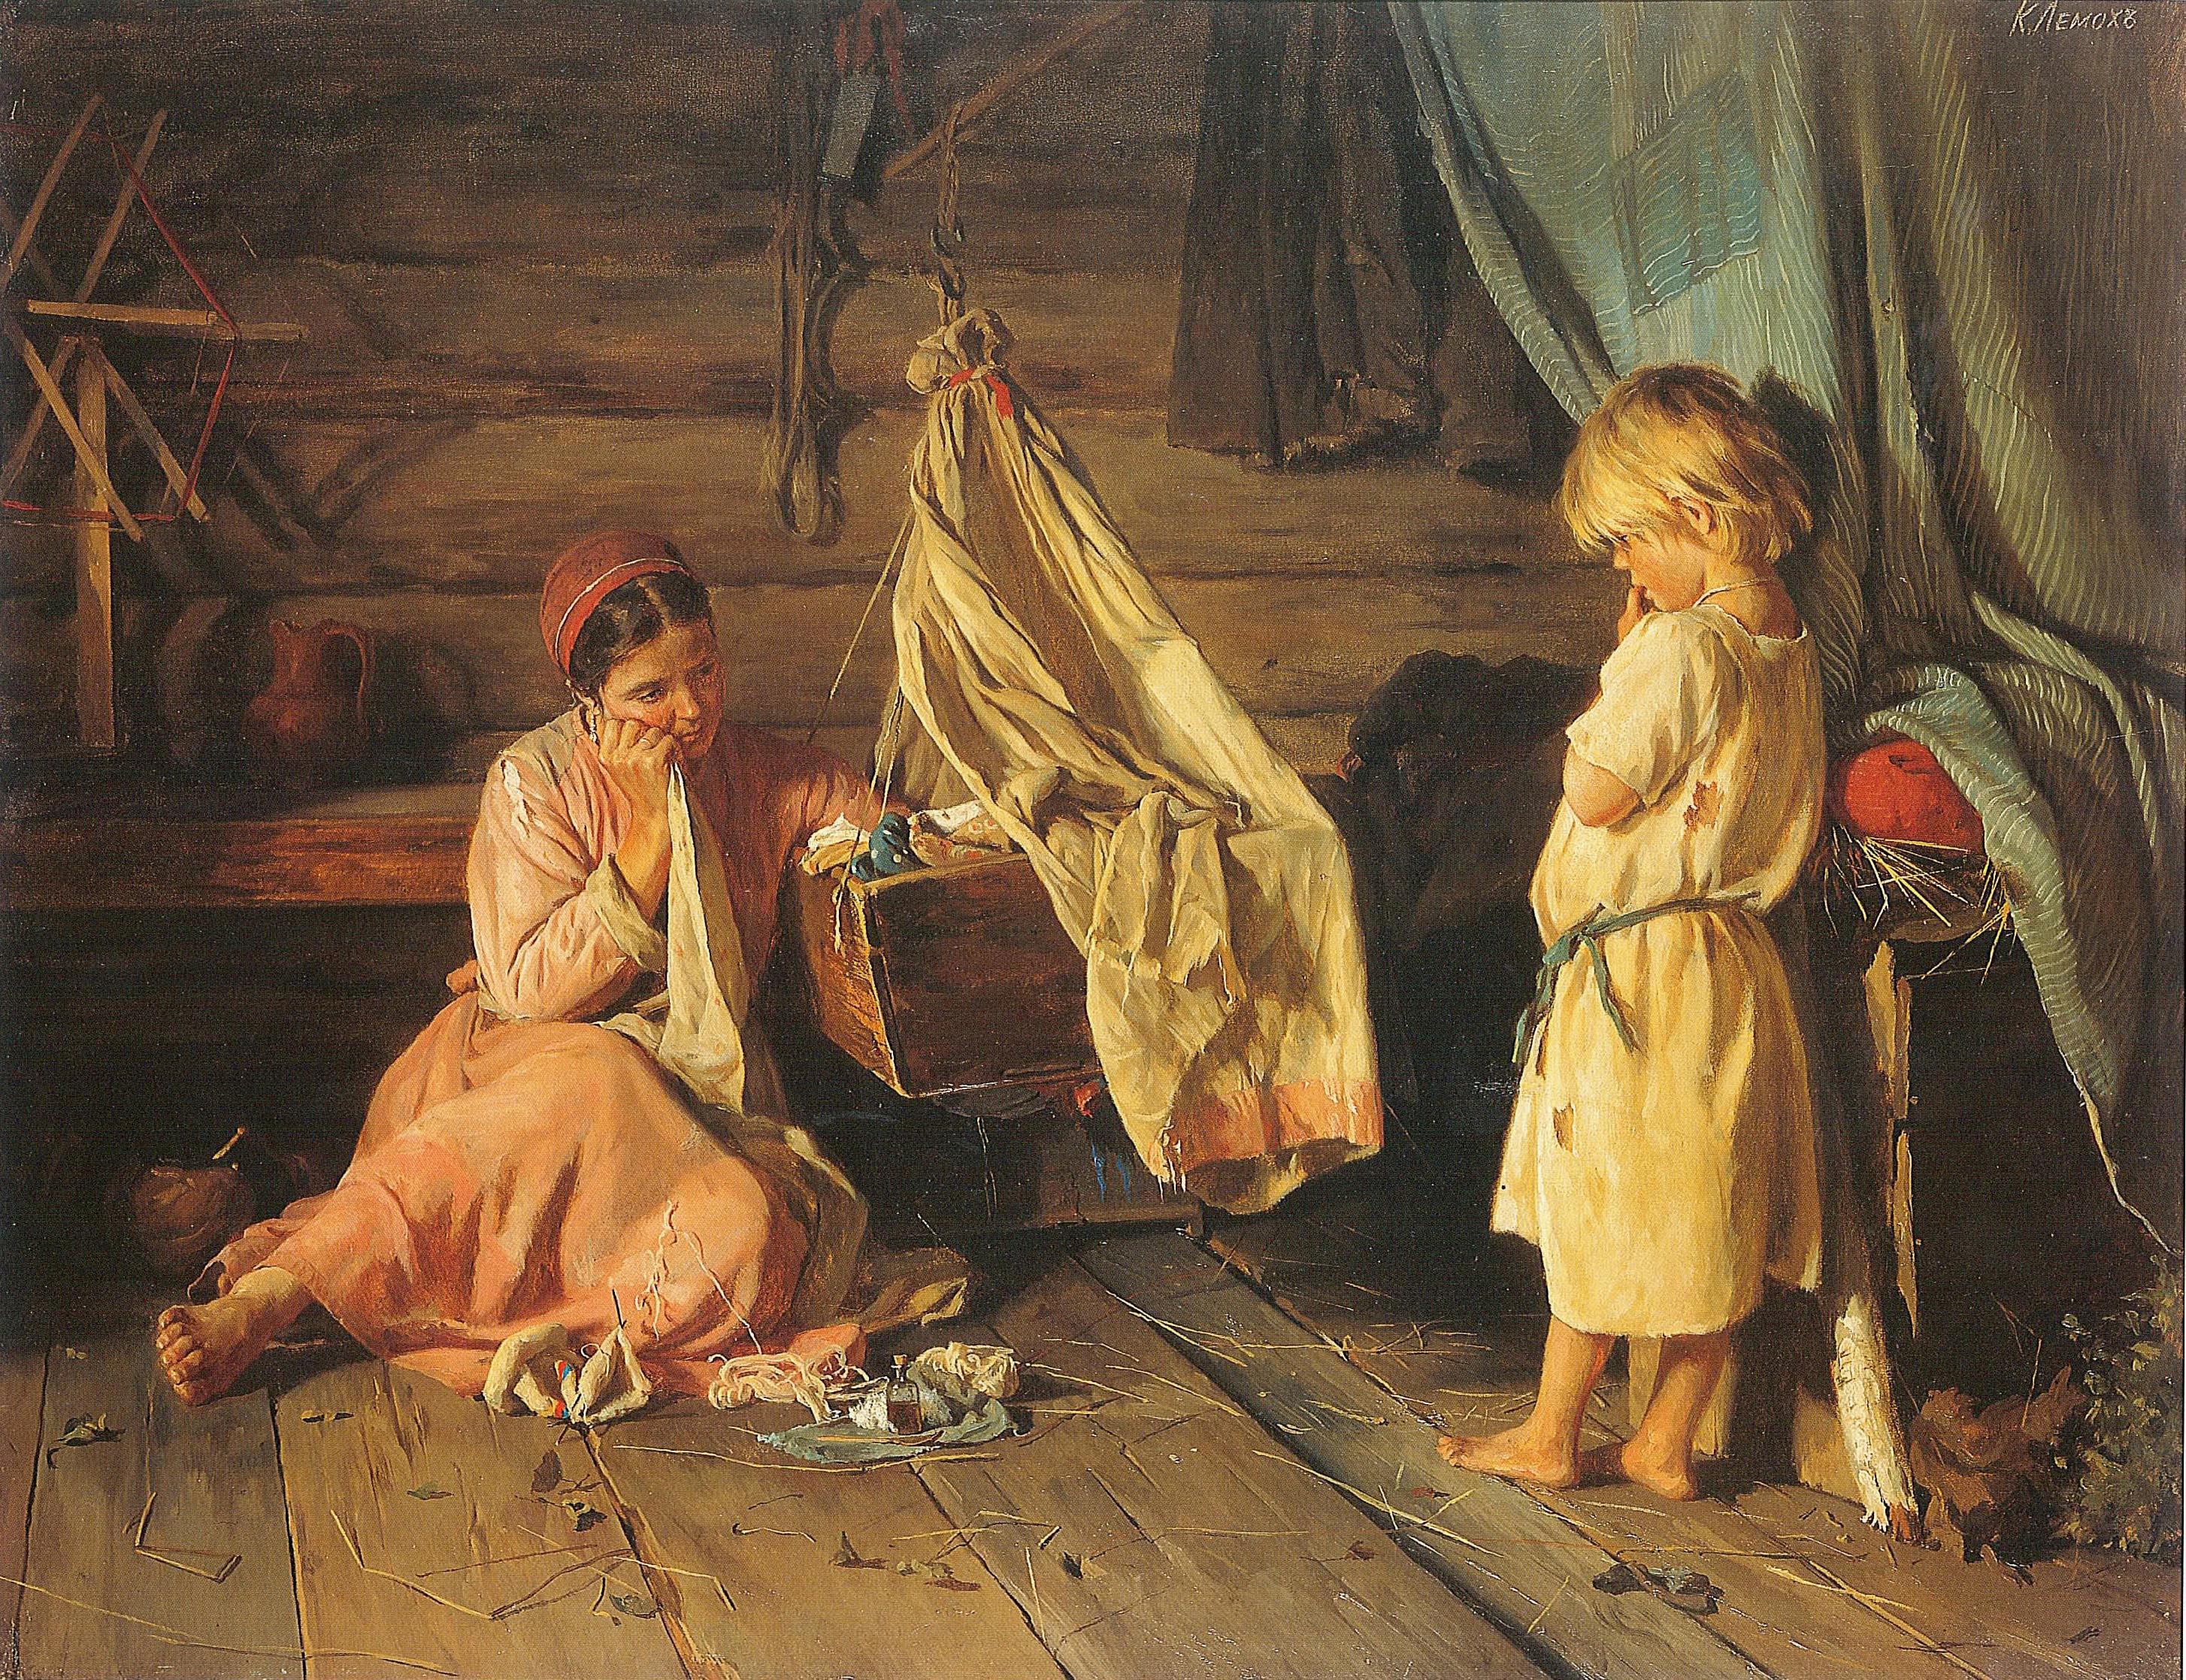 Лемох Карл Викентьевич (1841 – 1910) «У люльки (Больное дитя)»